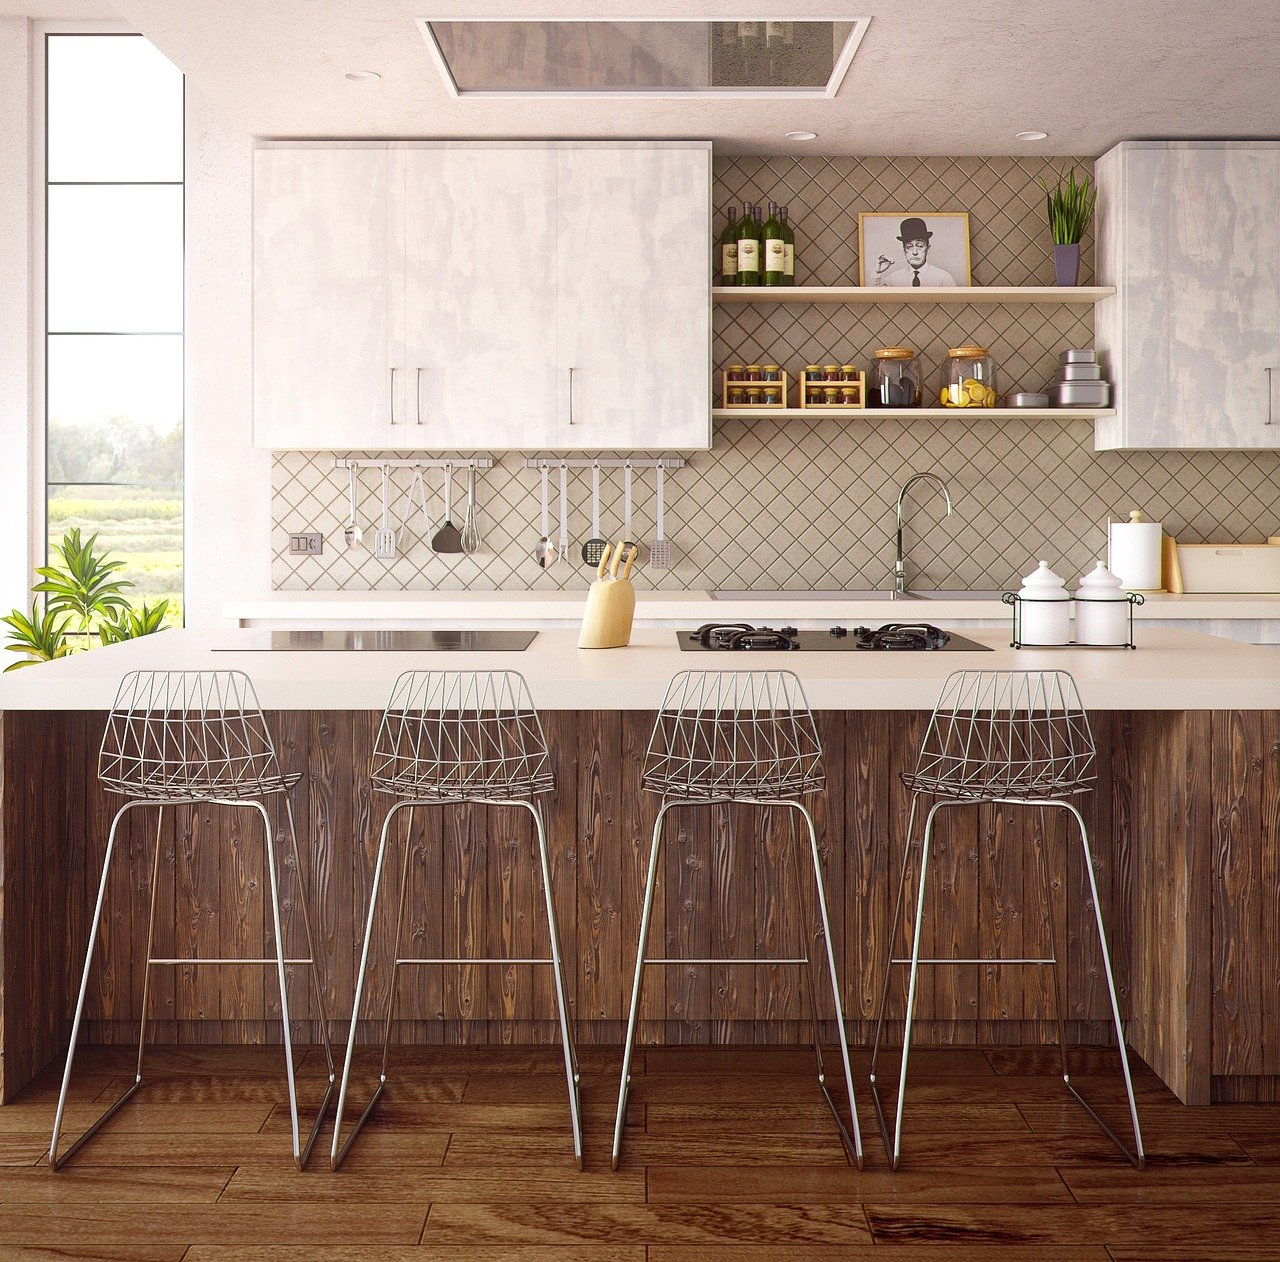 5 benodigdheden in een open keuken #woonkeuken #keuken #leefkeuken #keukenidee #inspiratie #wonen